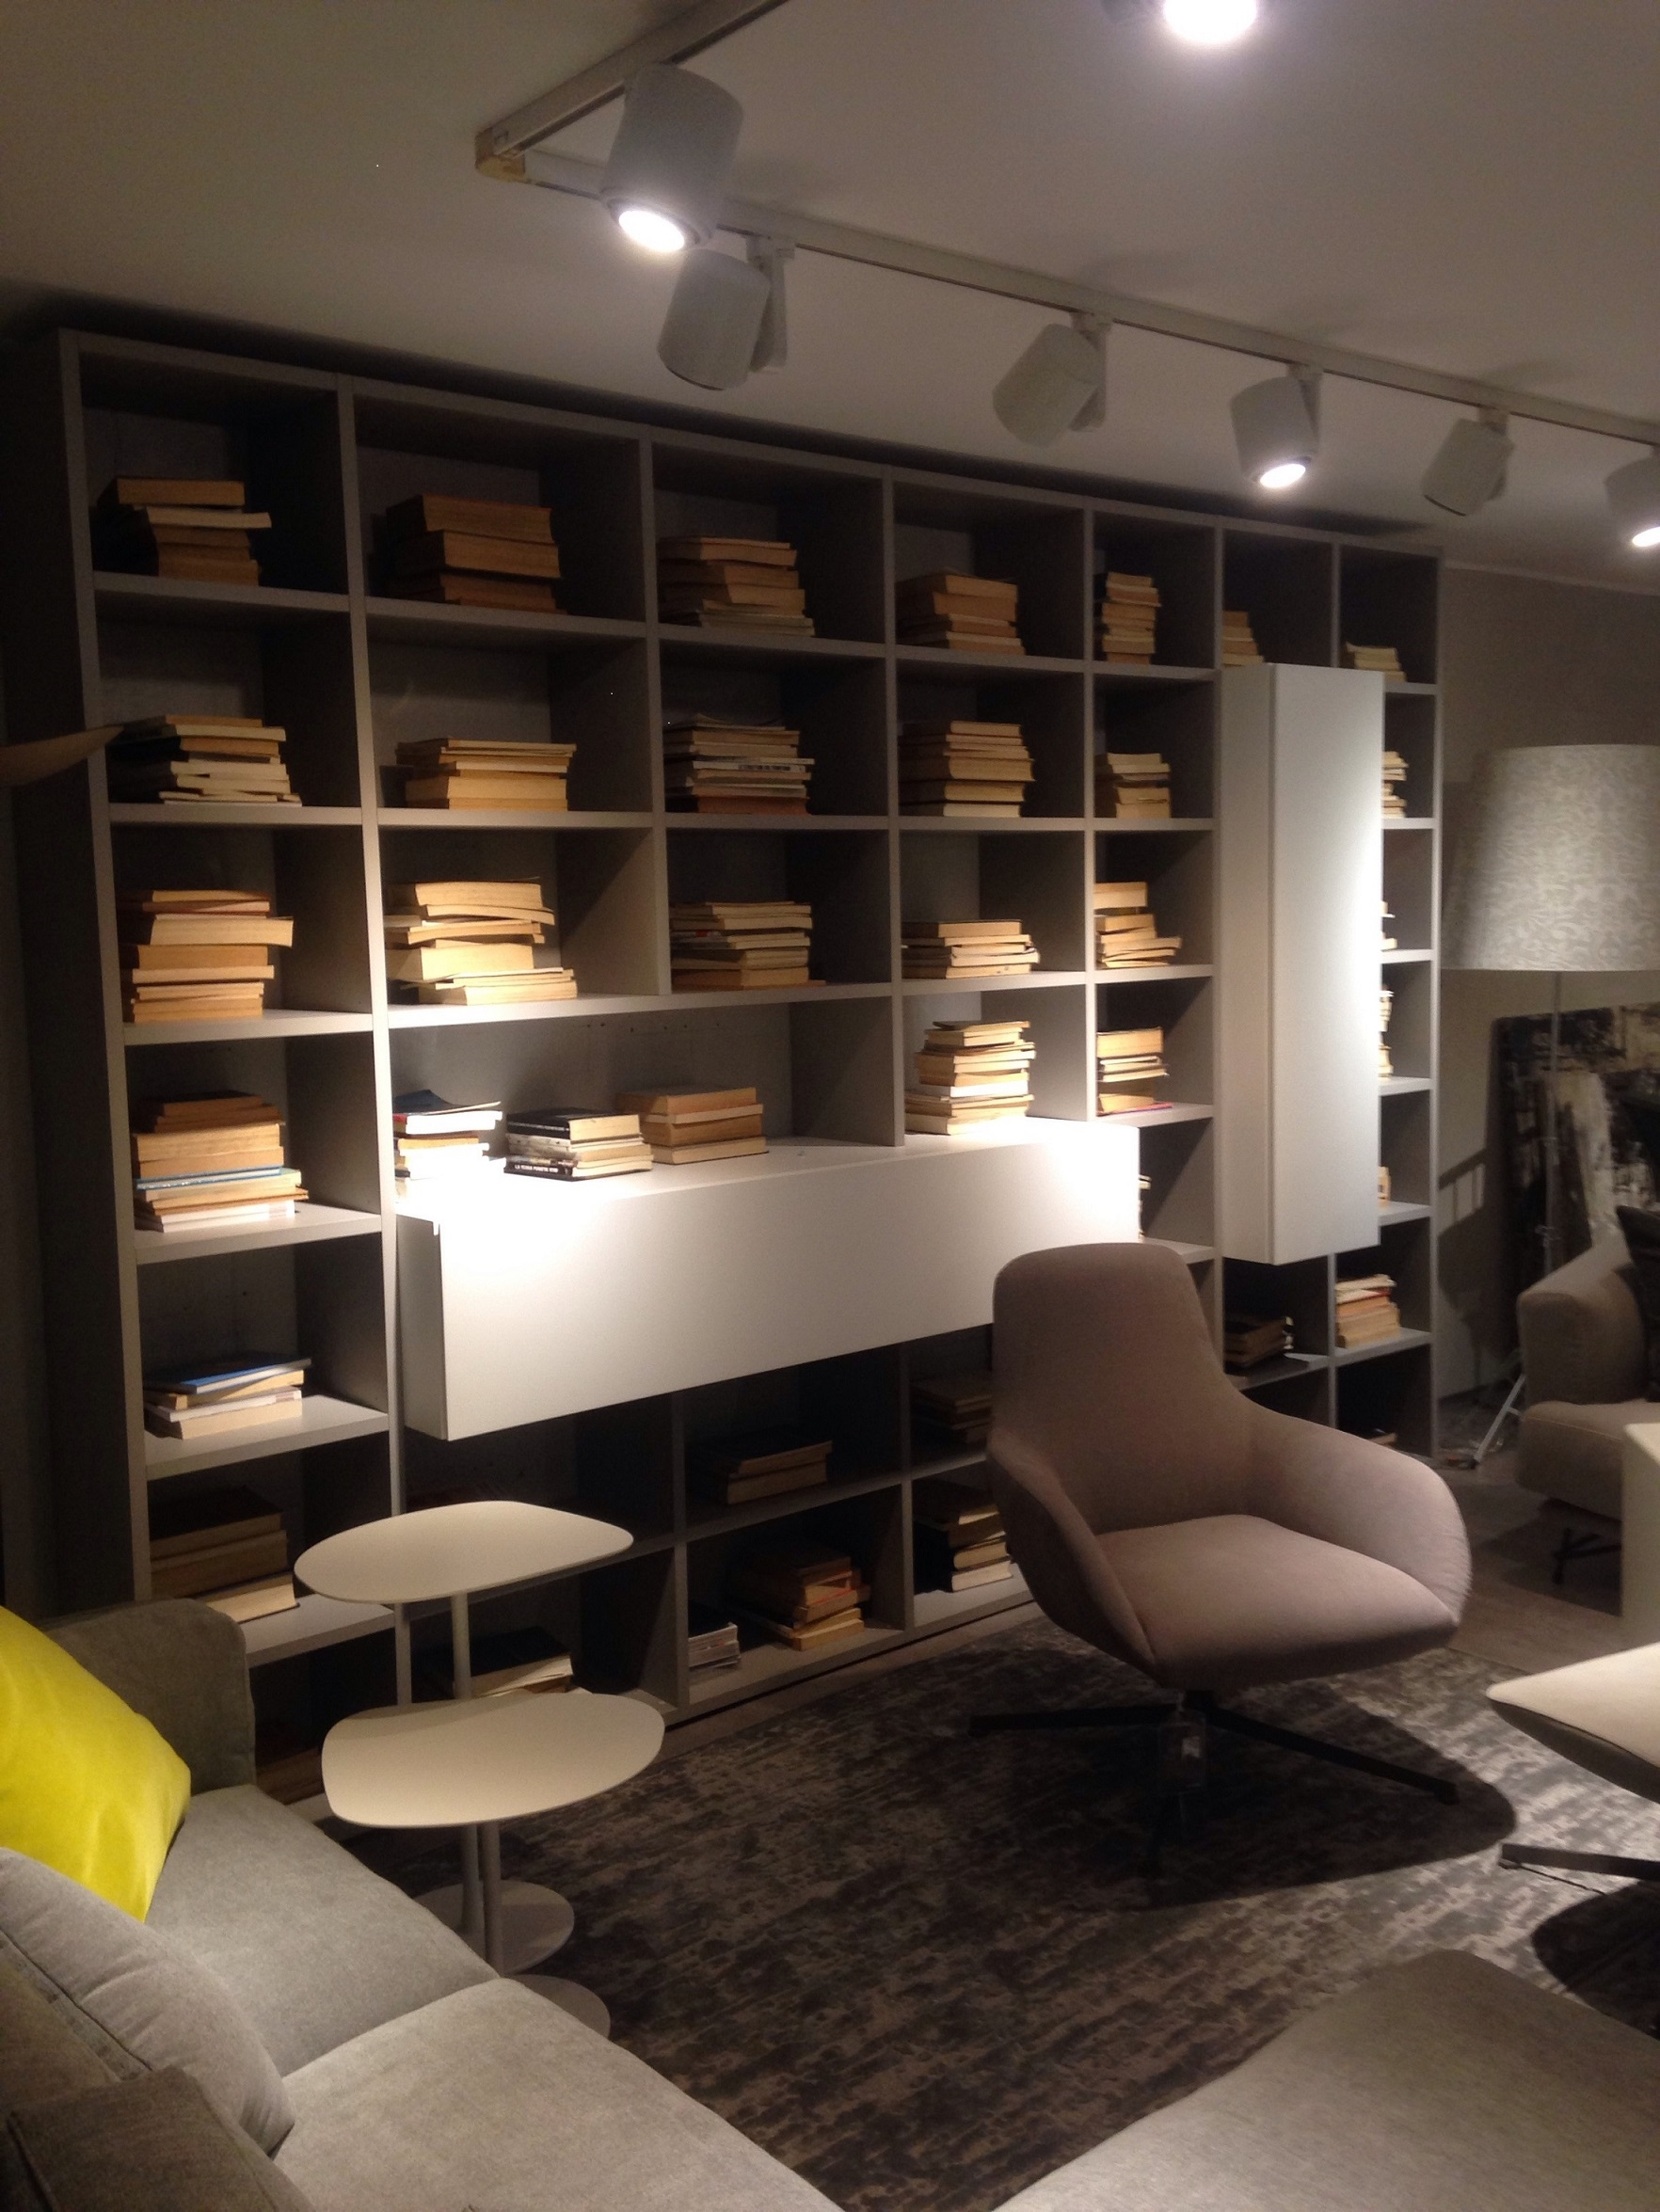 Libreria lema modello selecta laccata opaca soggiorni a for Libreria lema